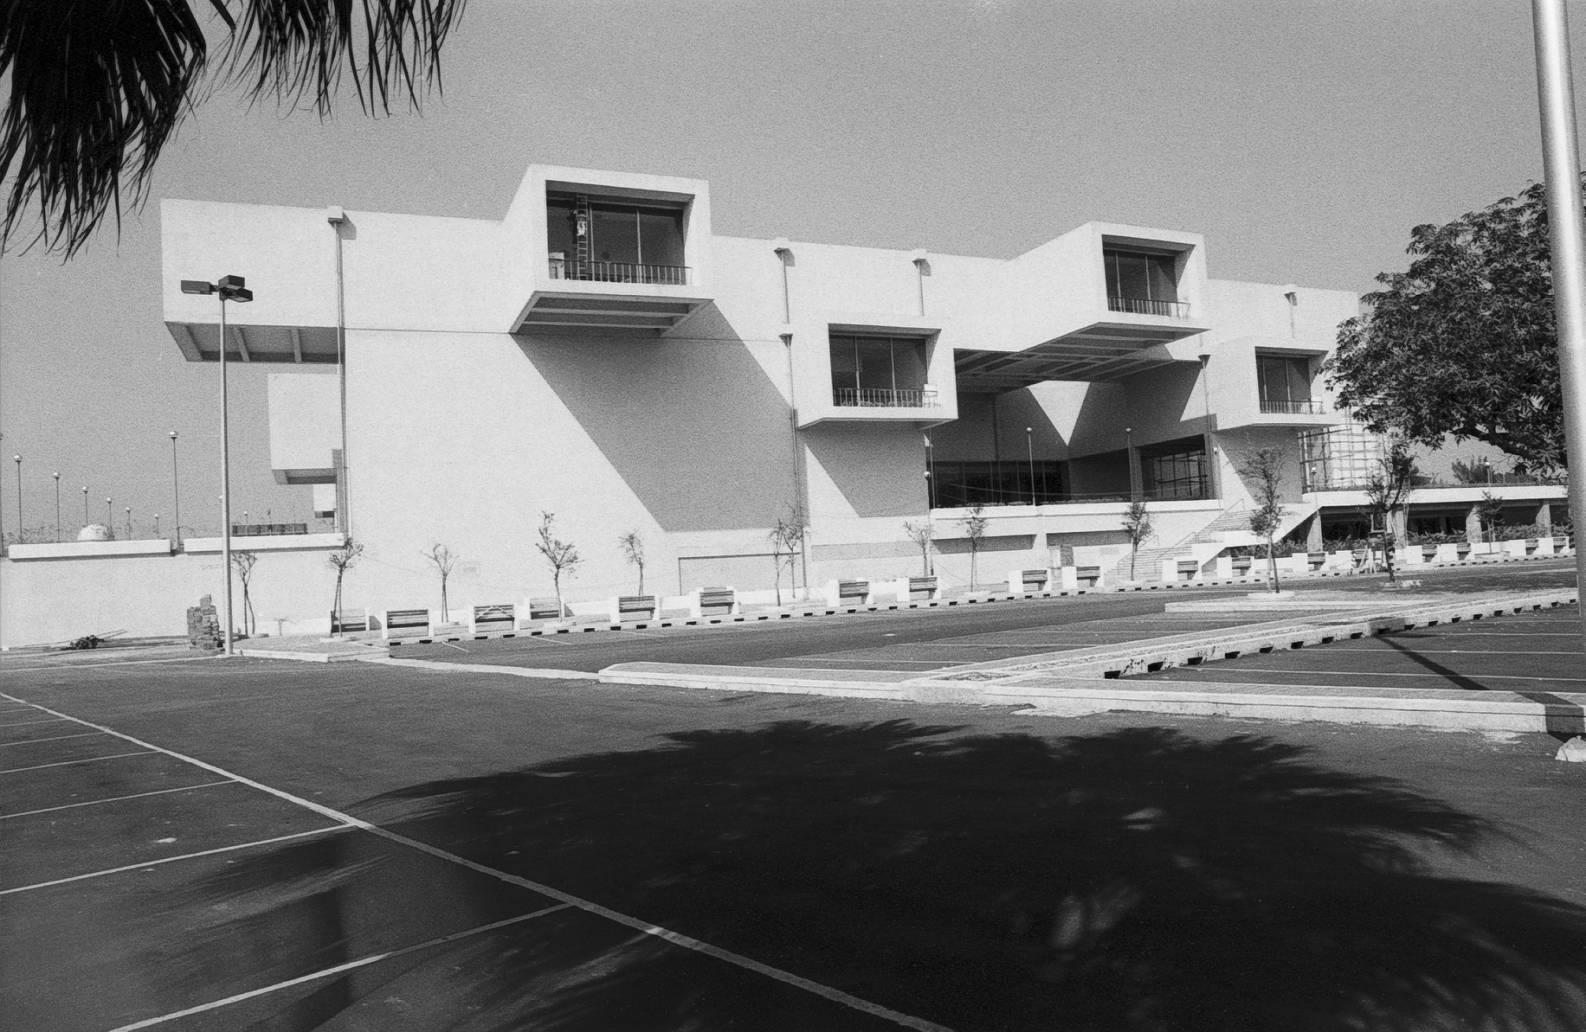 臺北市立美術館1983年創館館外場景